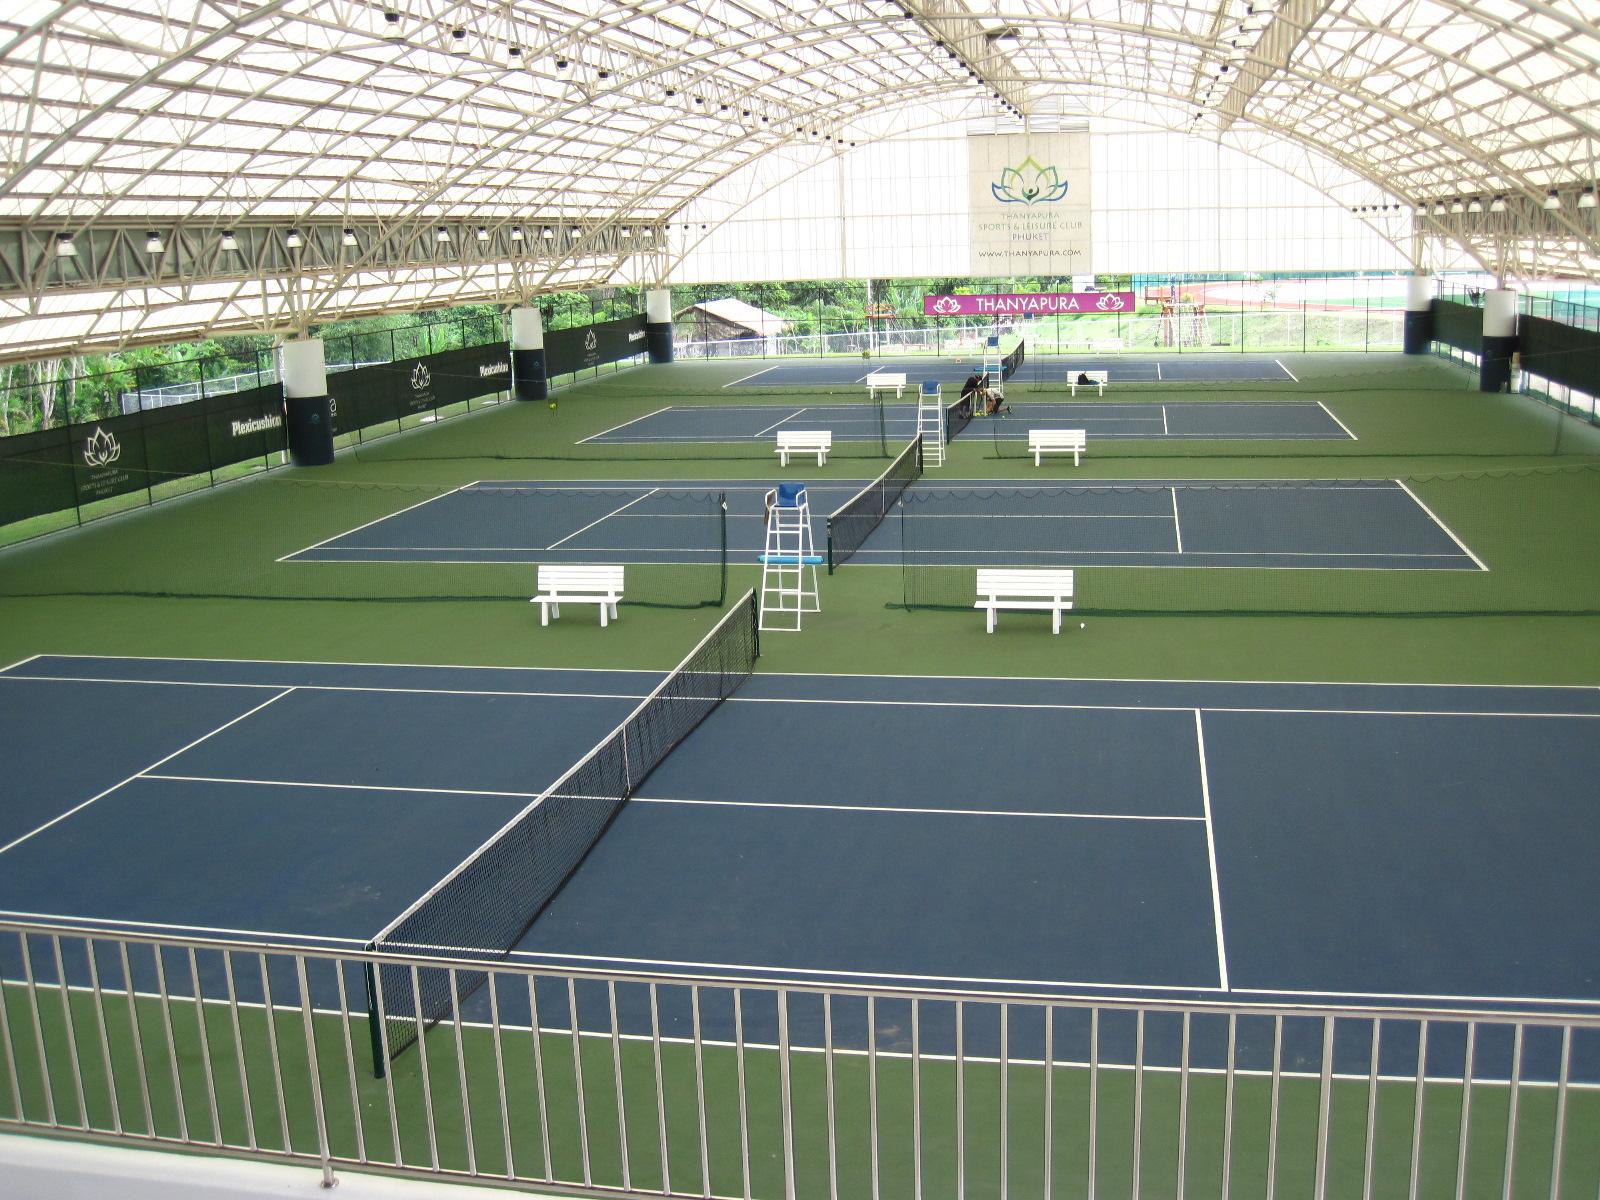 Thanyapura Sports Training - Tennis